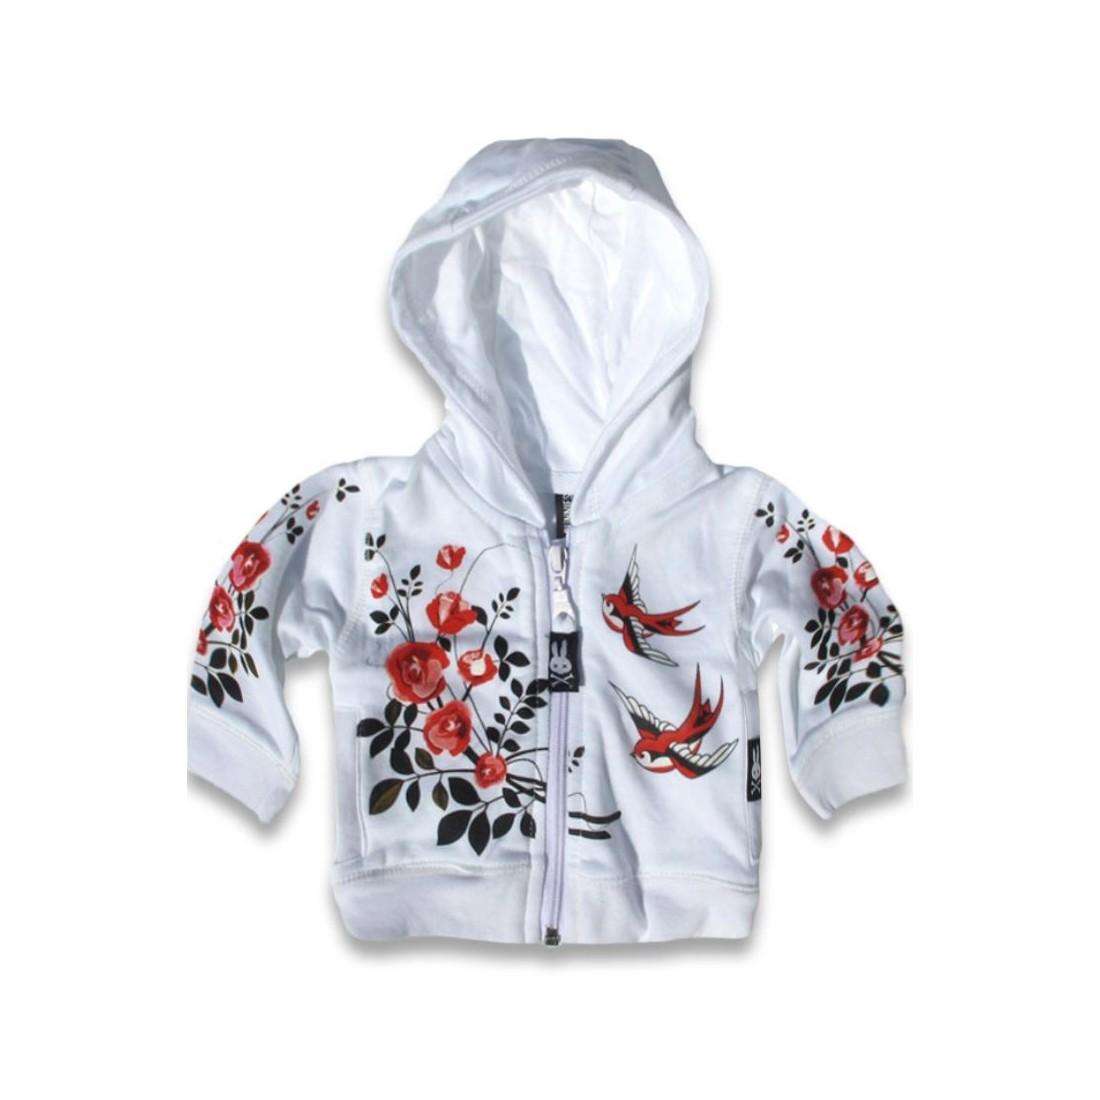 Vêtement original pour bébé - Birds'n roses